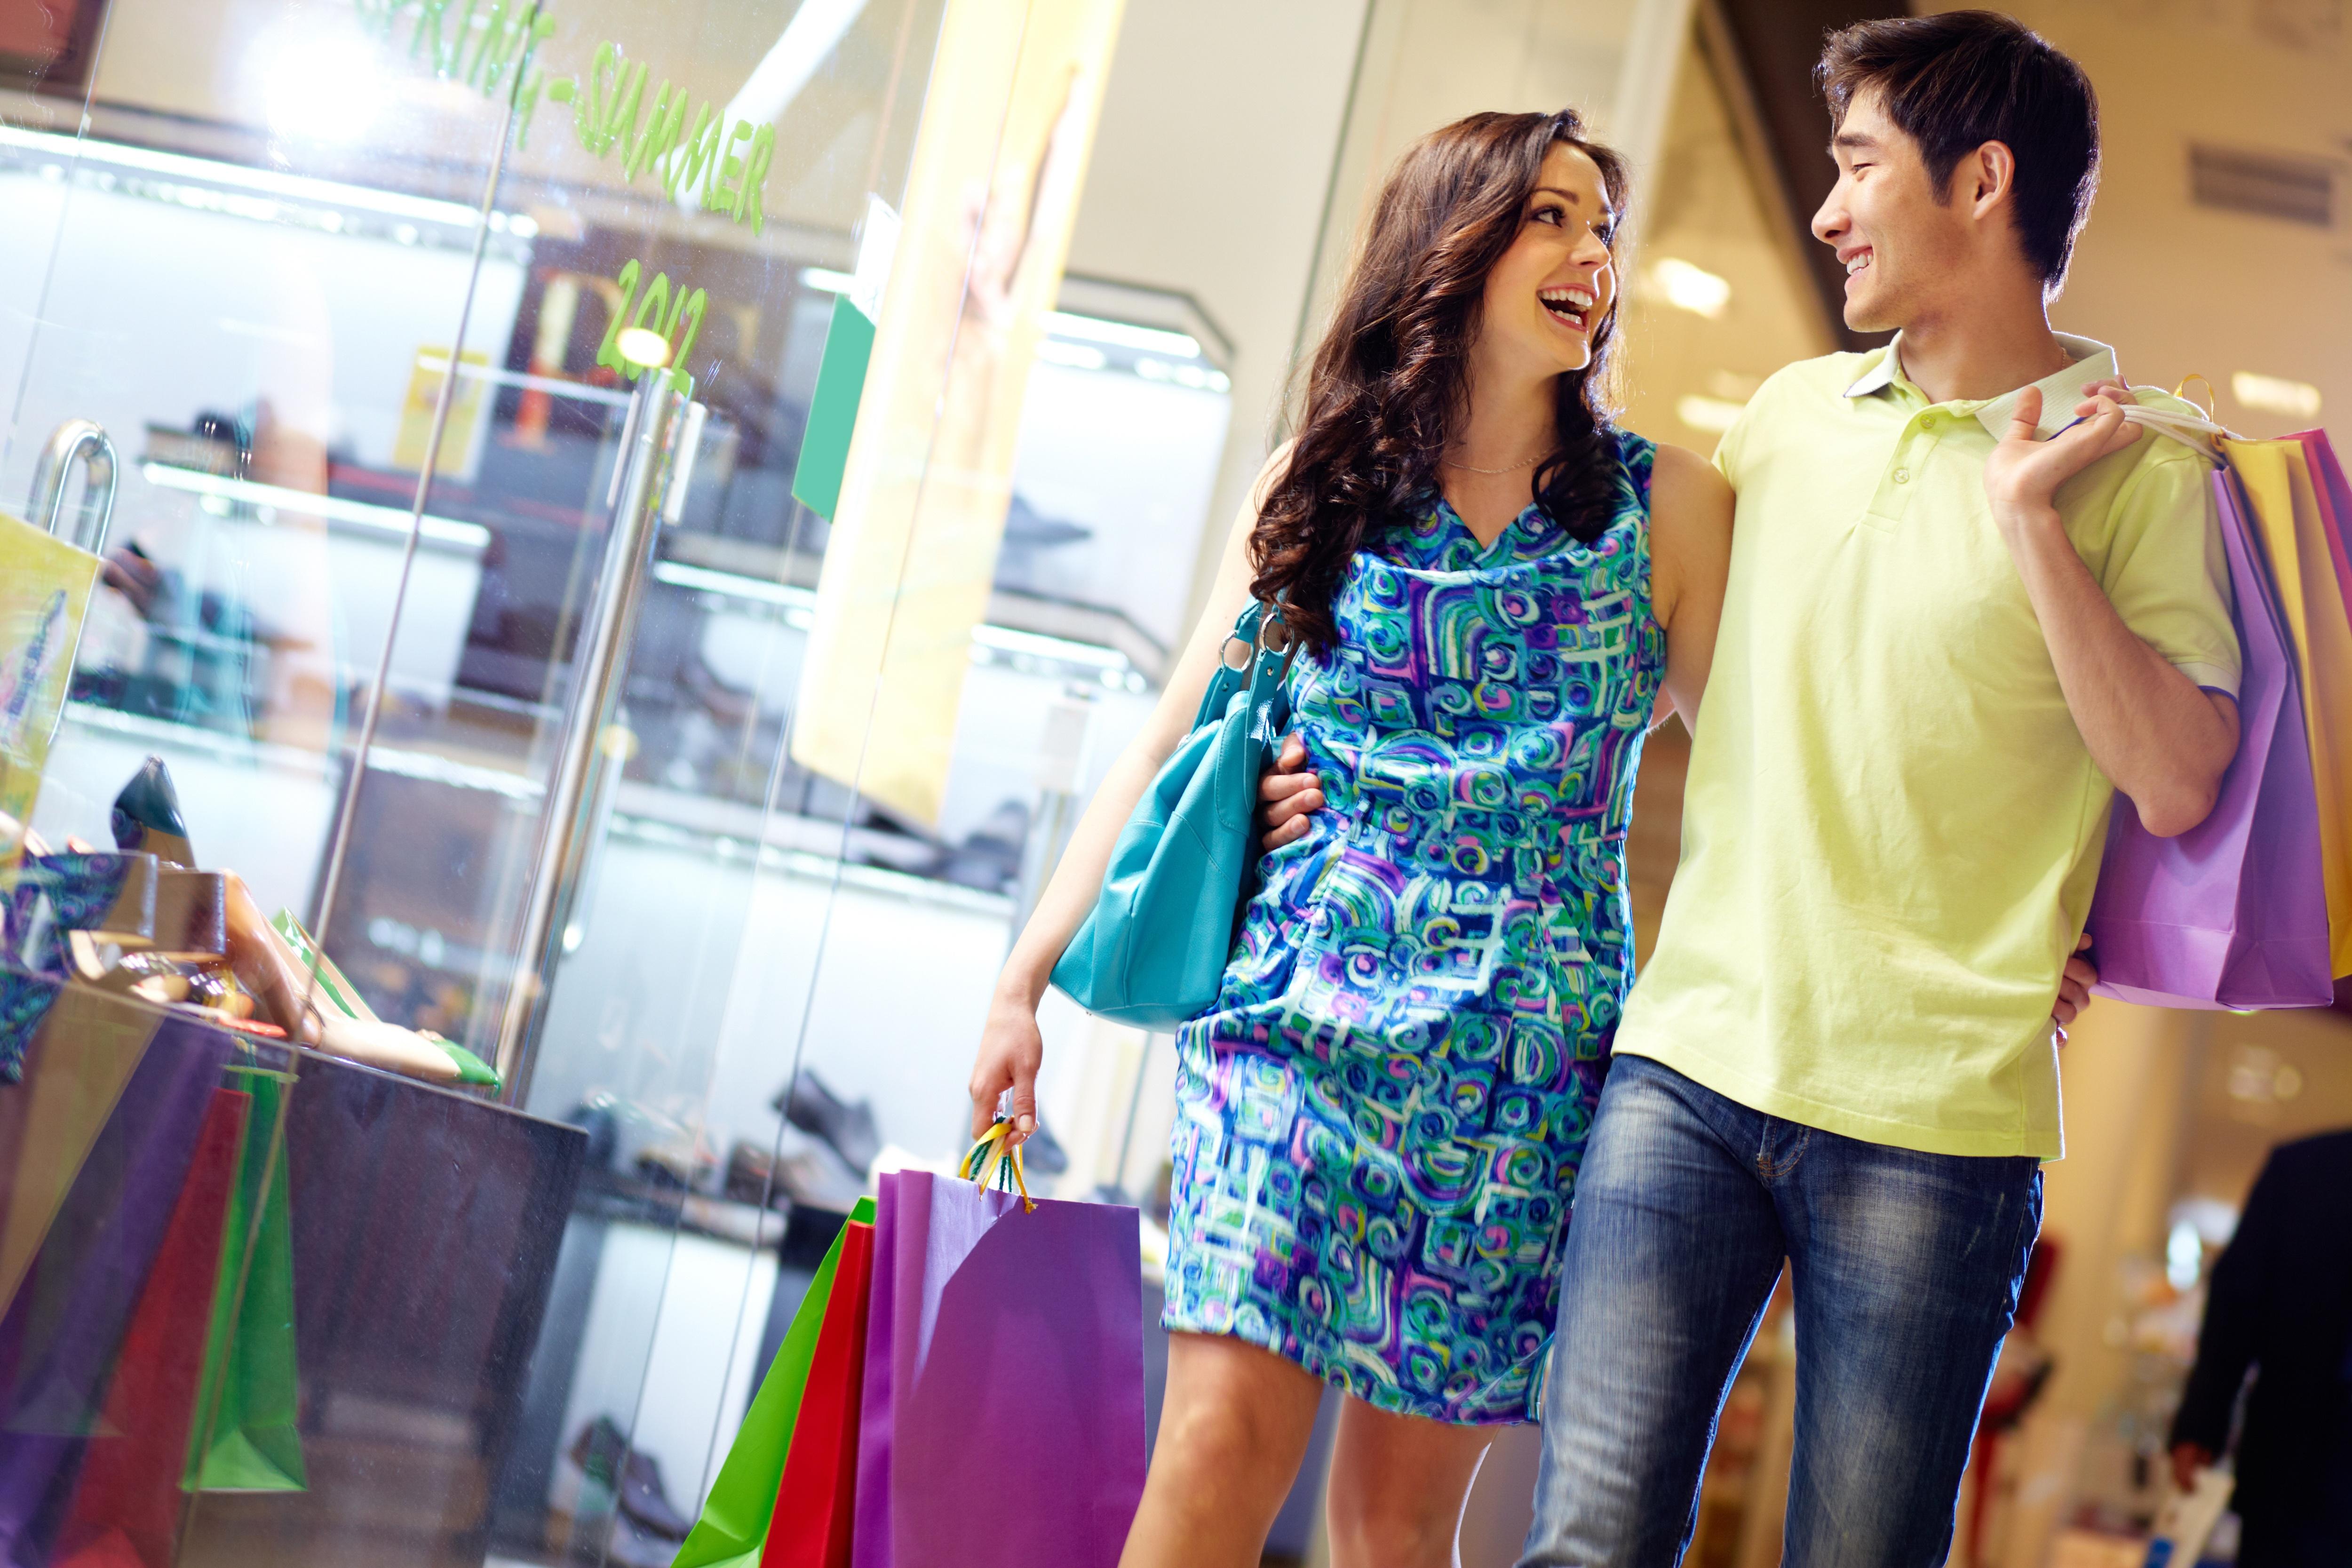 shopping-phrases.jpg